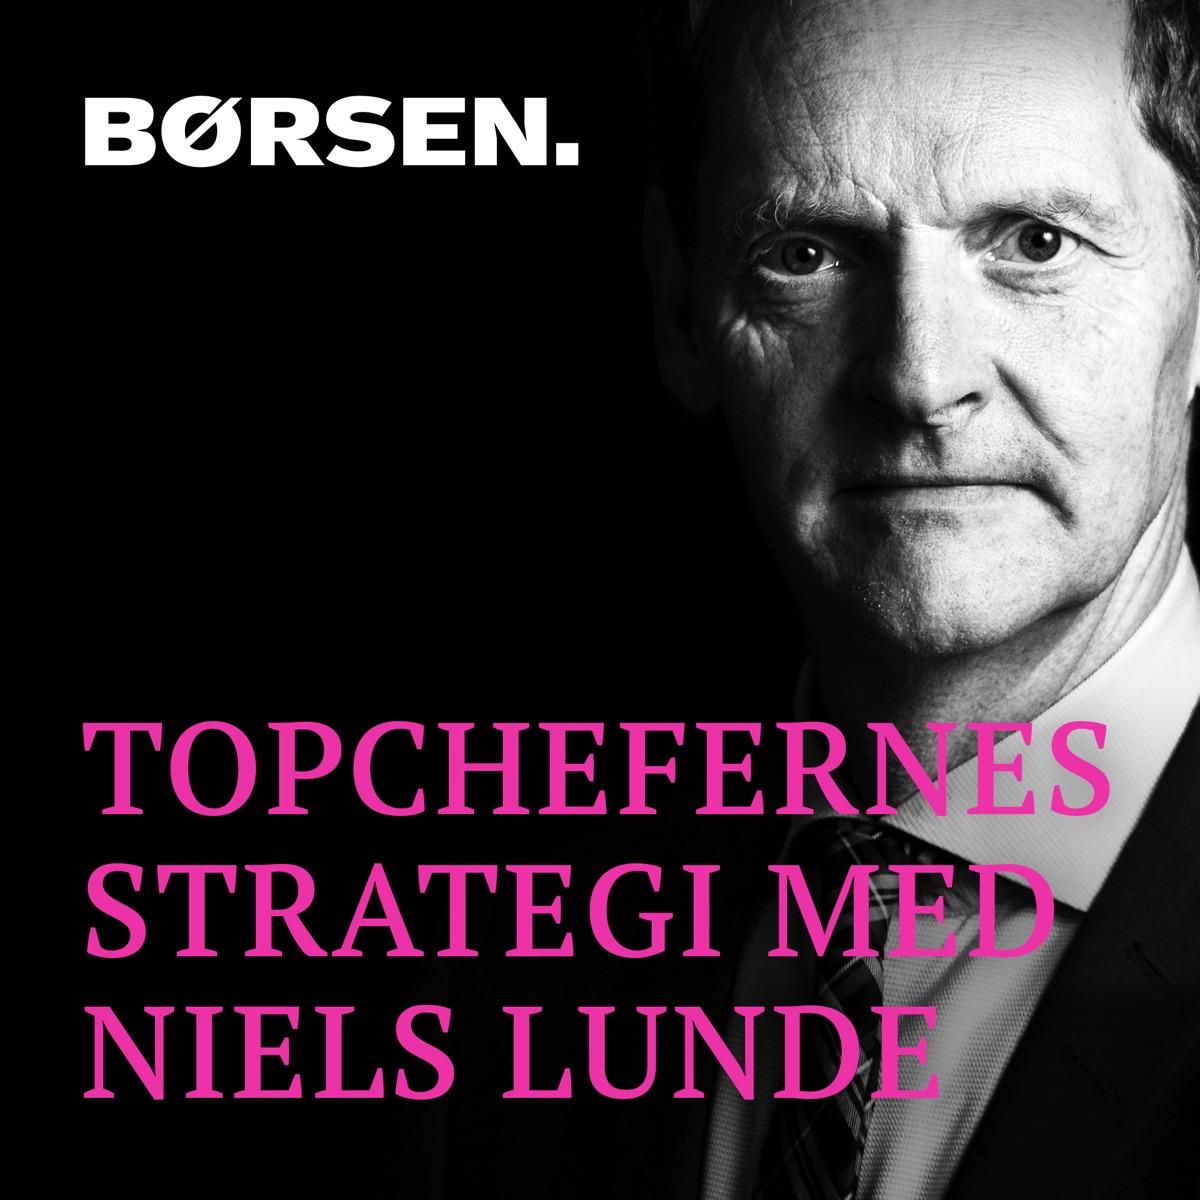 Topchefernes strategi med Niels Lunde